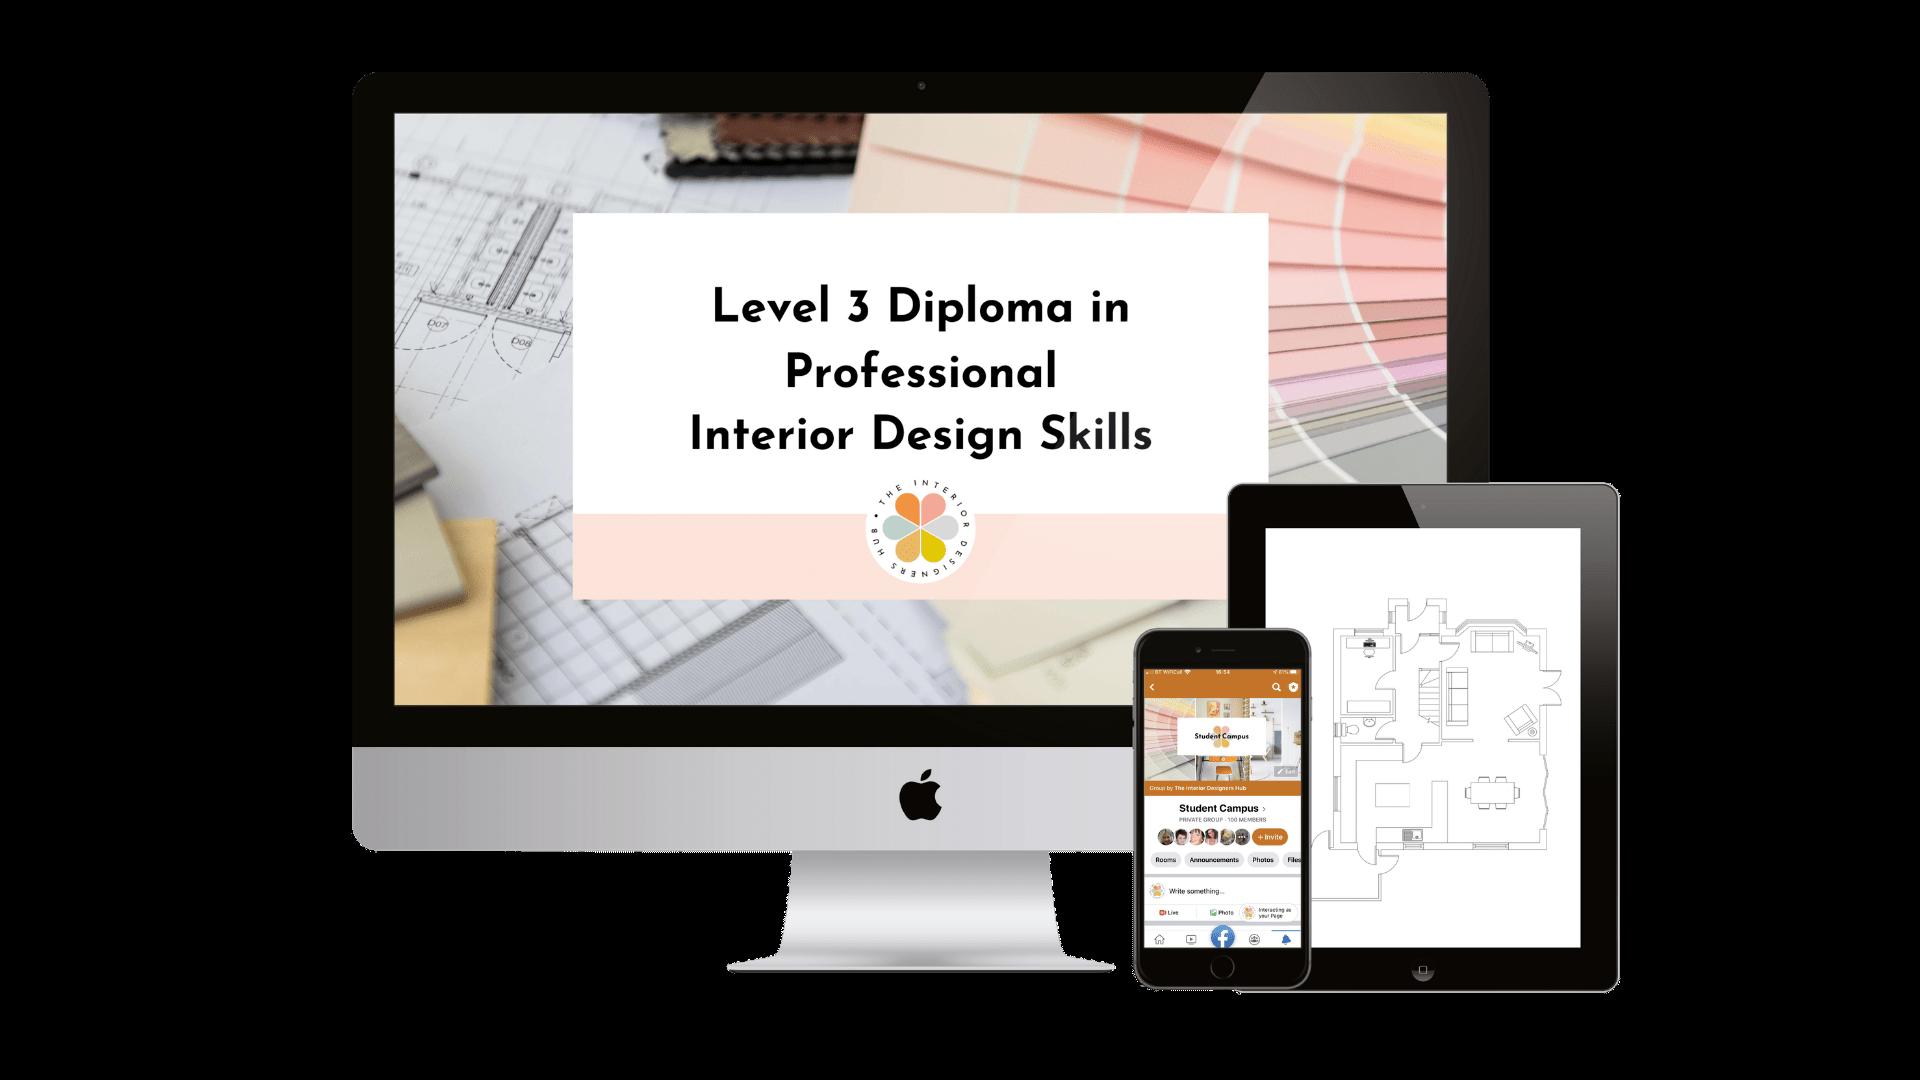 Level 3 Diploma in Interior Design